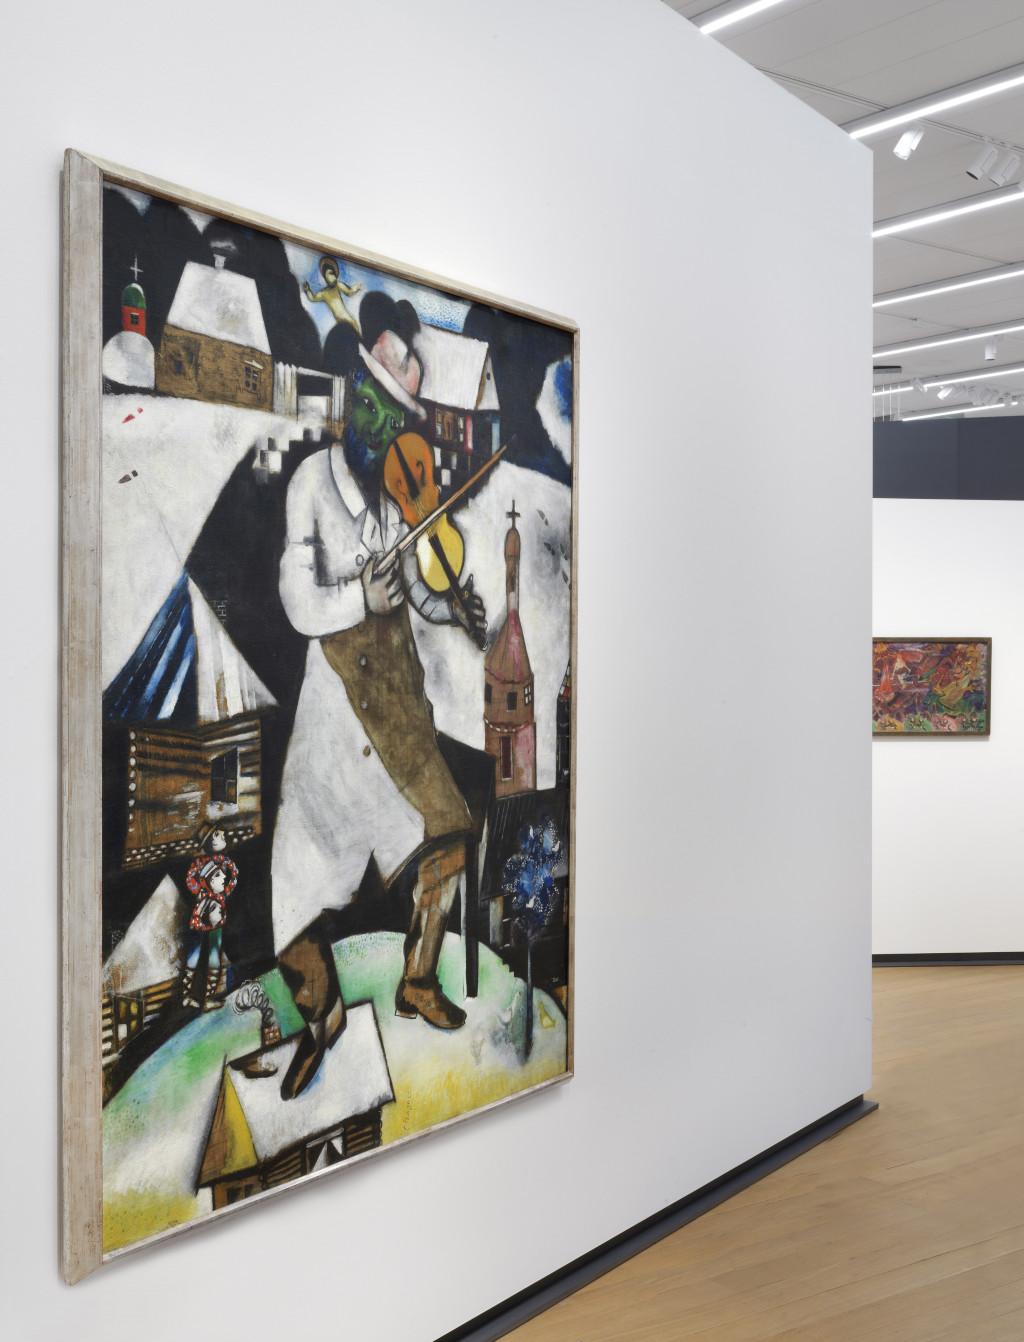 Zaalopname STEDELIJK BASE, Collectie Stedelijk Museum Amsterdam, c/o Pictoright Amsterdam. Foto: Gert Jan van Rooij.